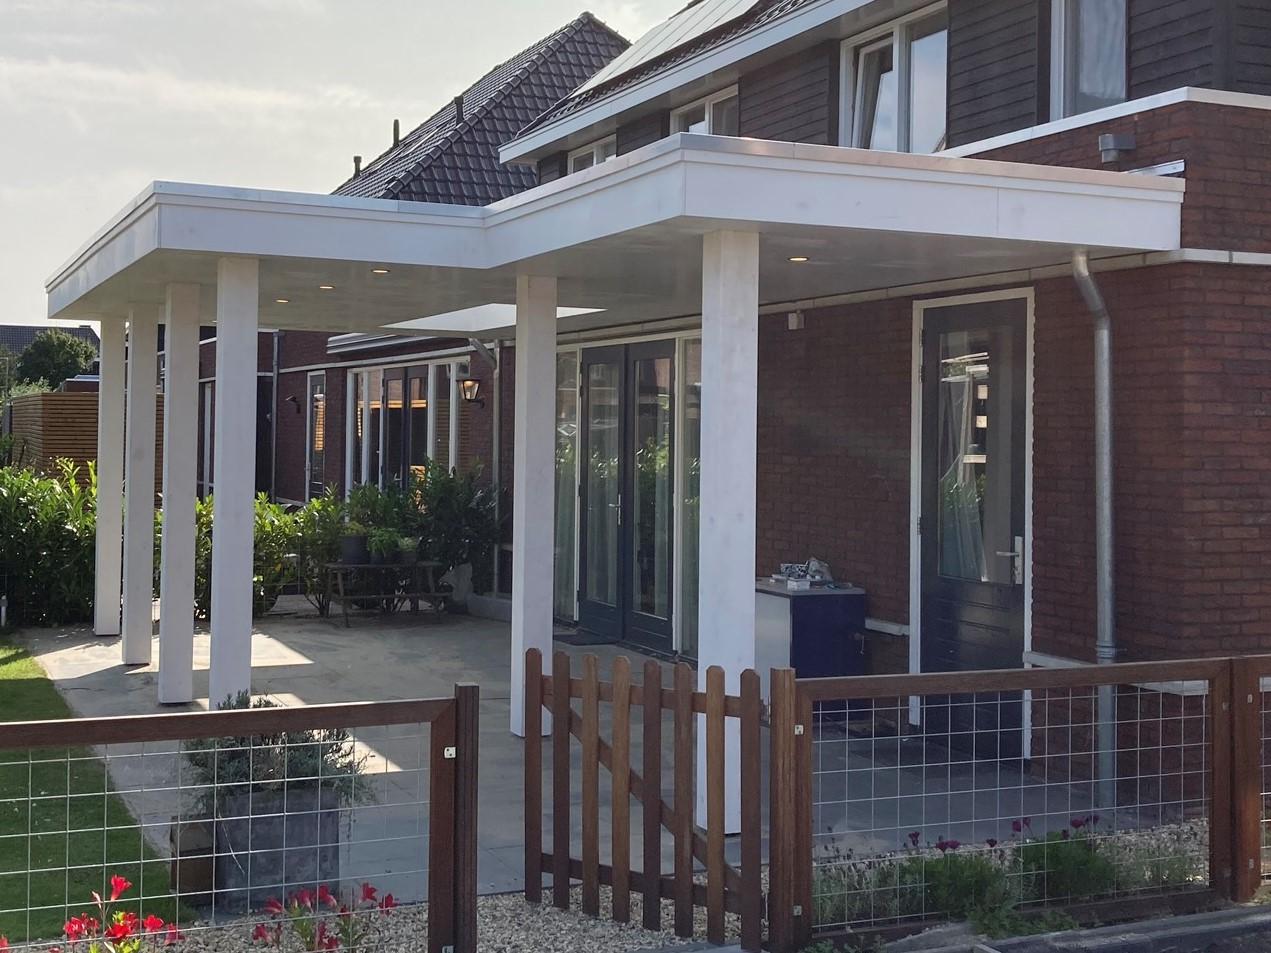 L veranda wit aan huis